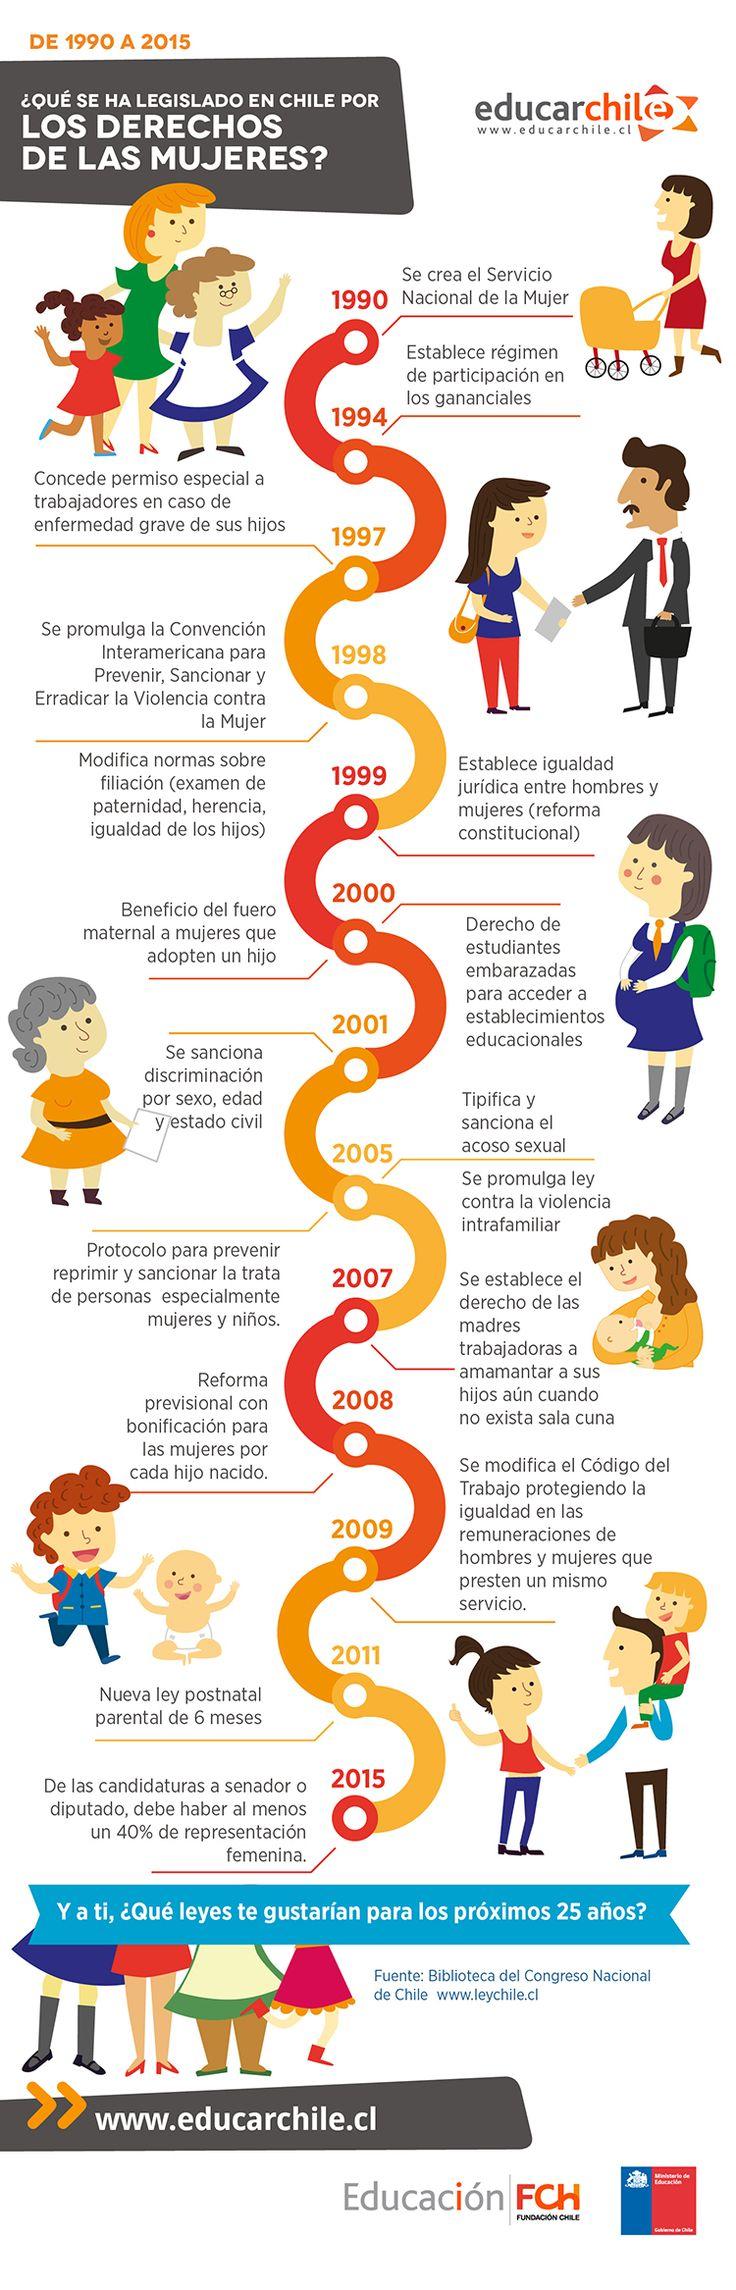 #DíadelaMujer ¿Qué leyes se han promulgado los últimos 25 años en Chile?